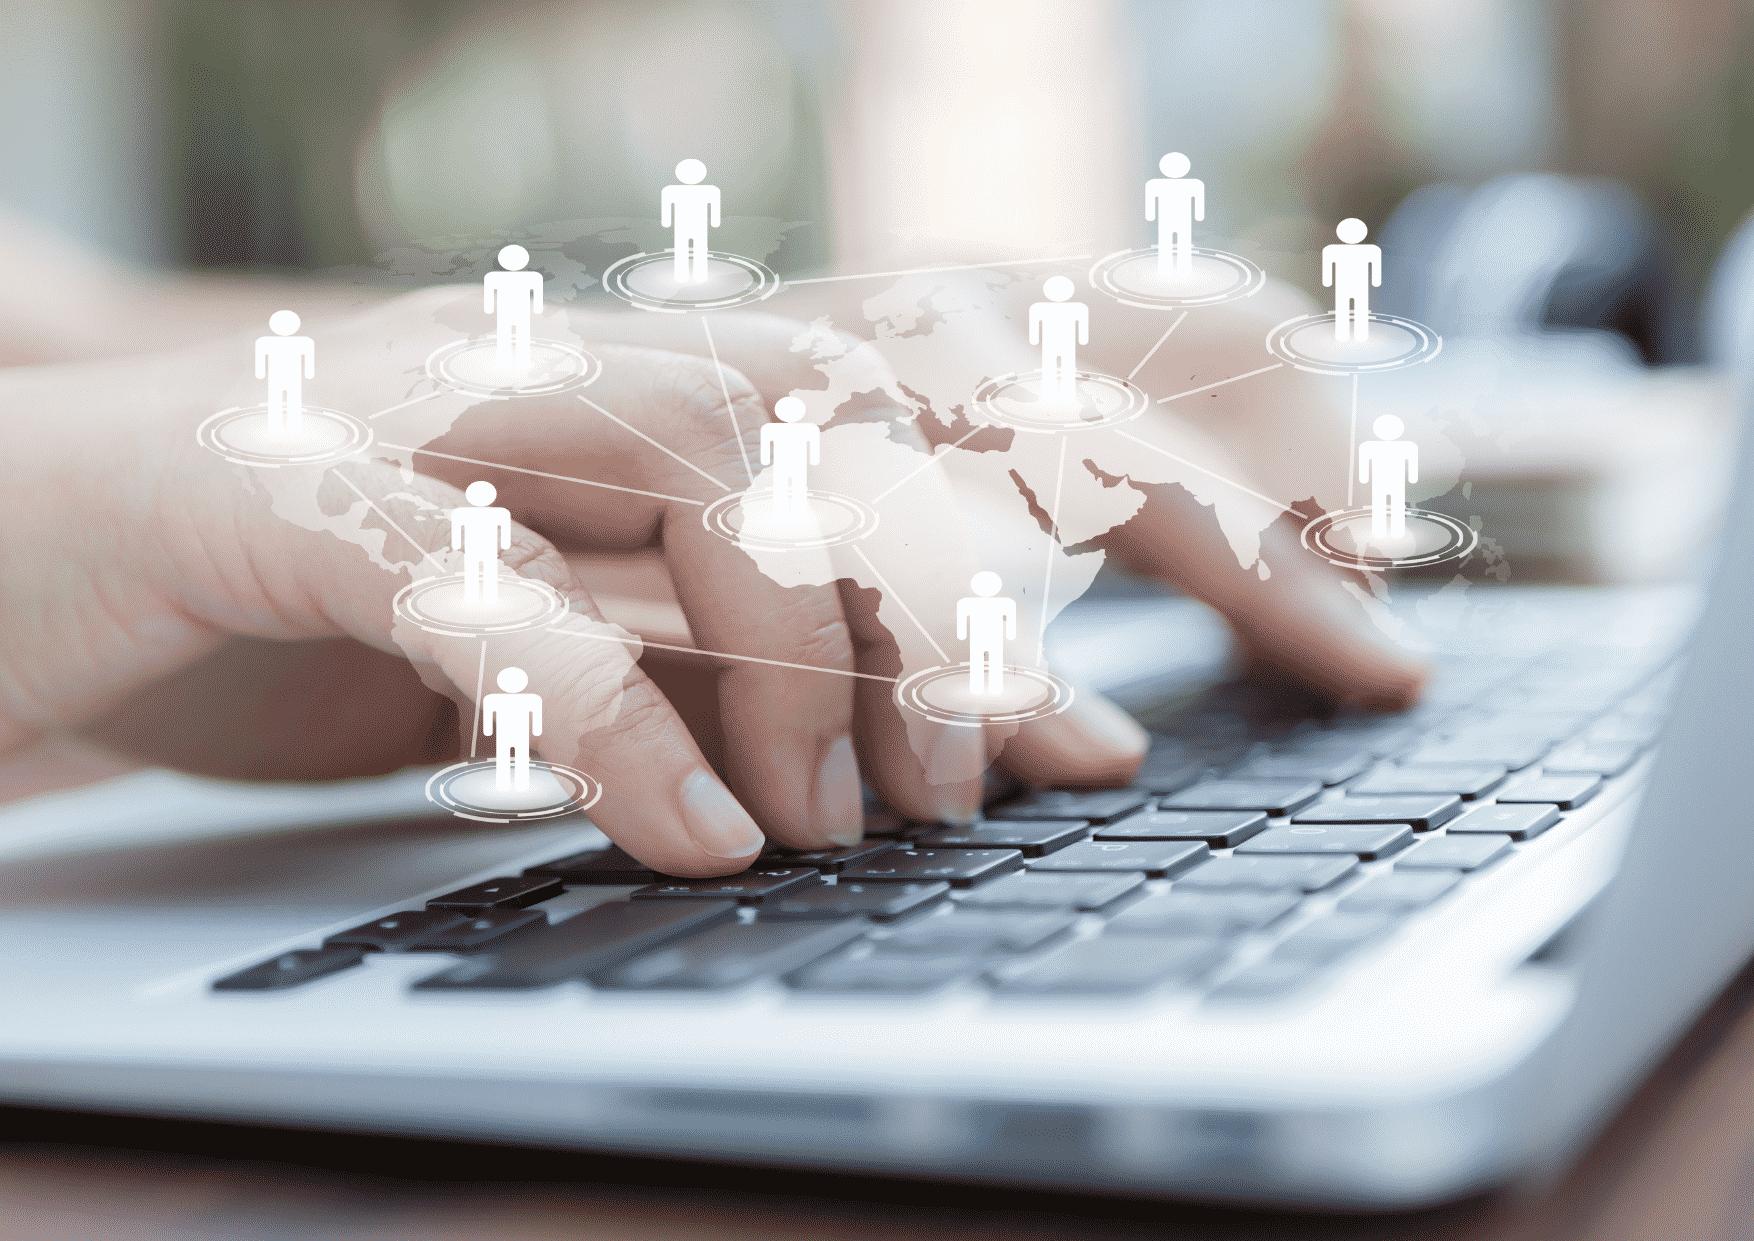 Riset Audience, Kunci Penting Memaksimalkan Strategi Pemasaran Digital